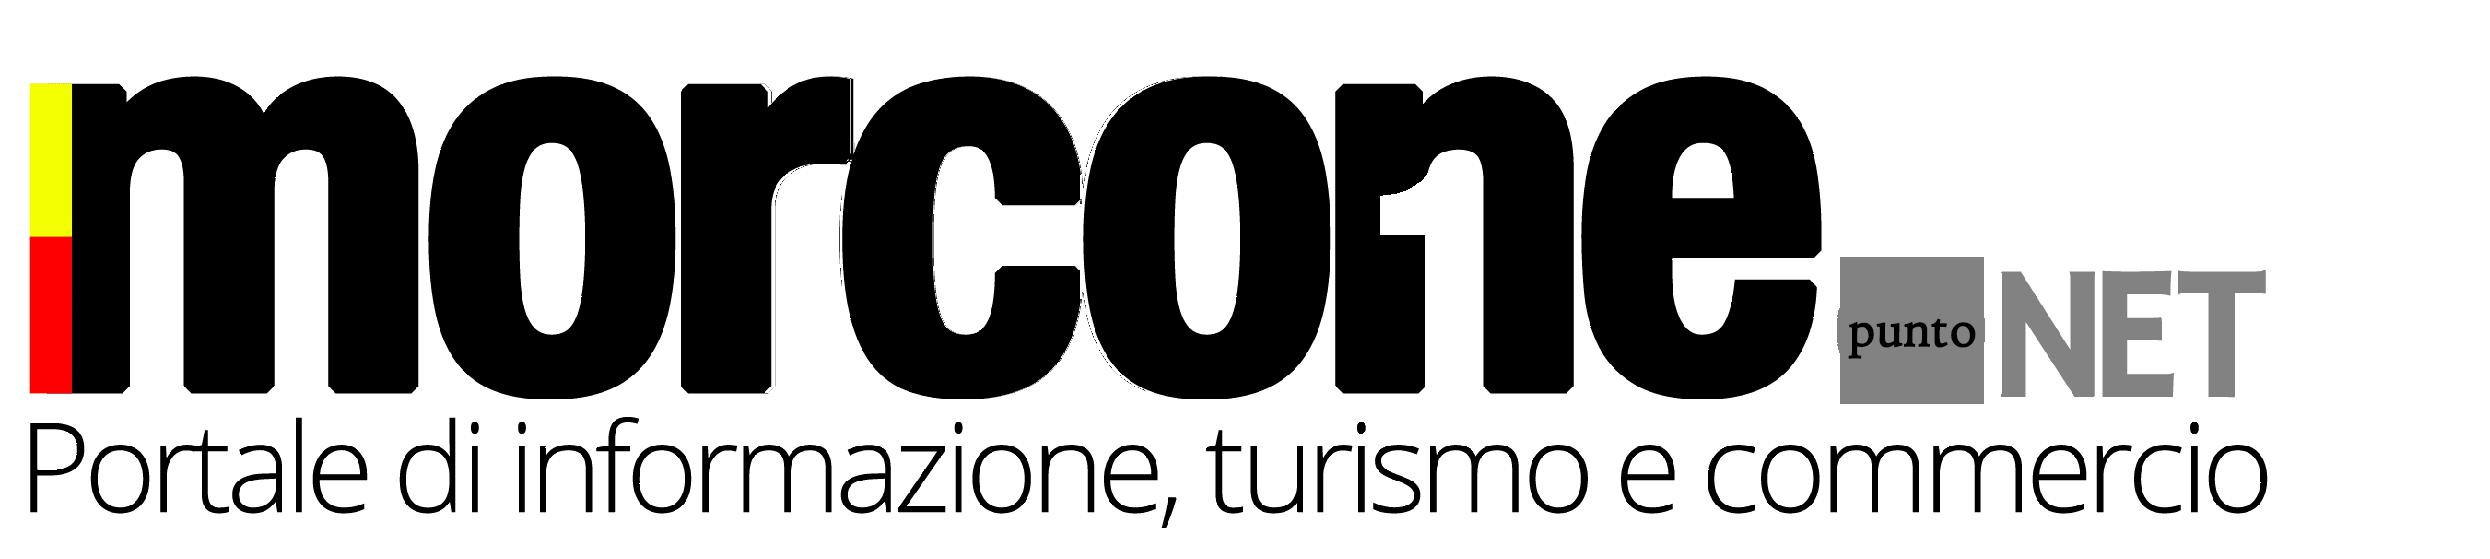 Morcone.net | portale di informazione, turismo e commercio